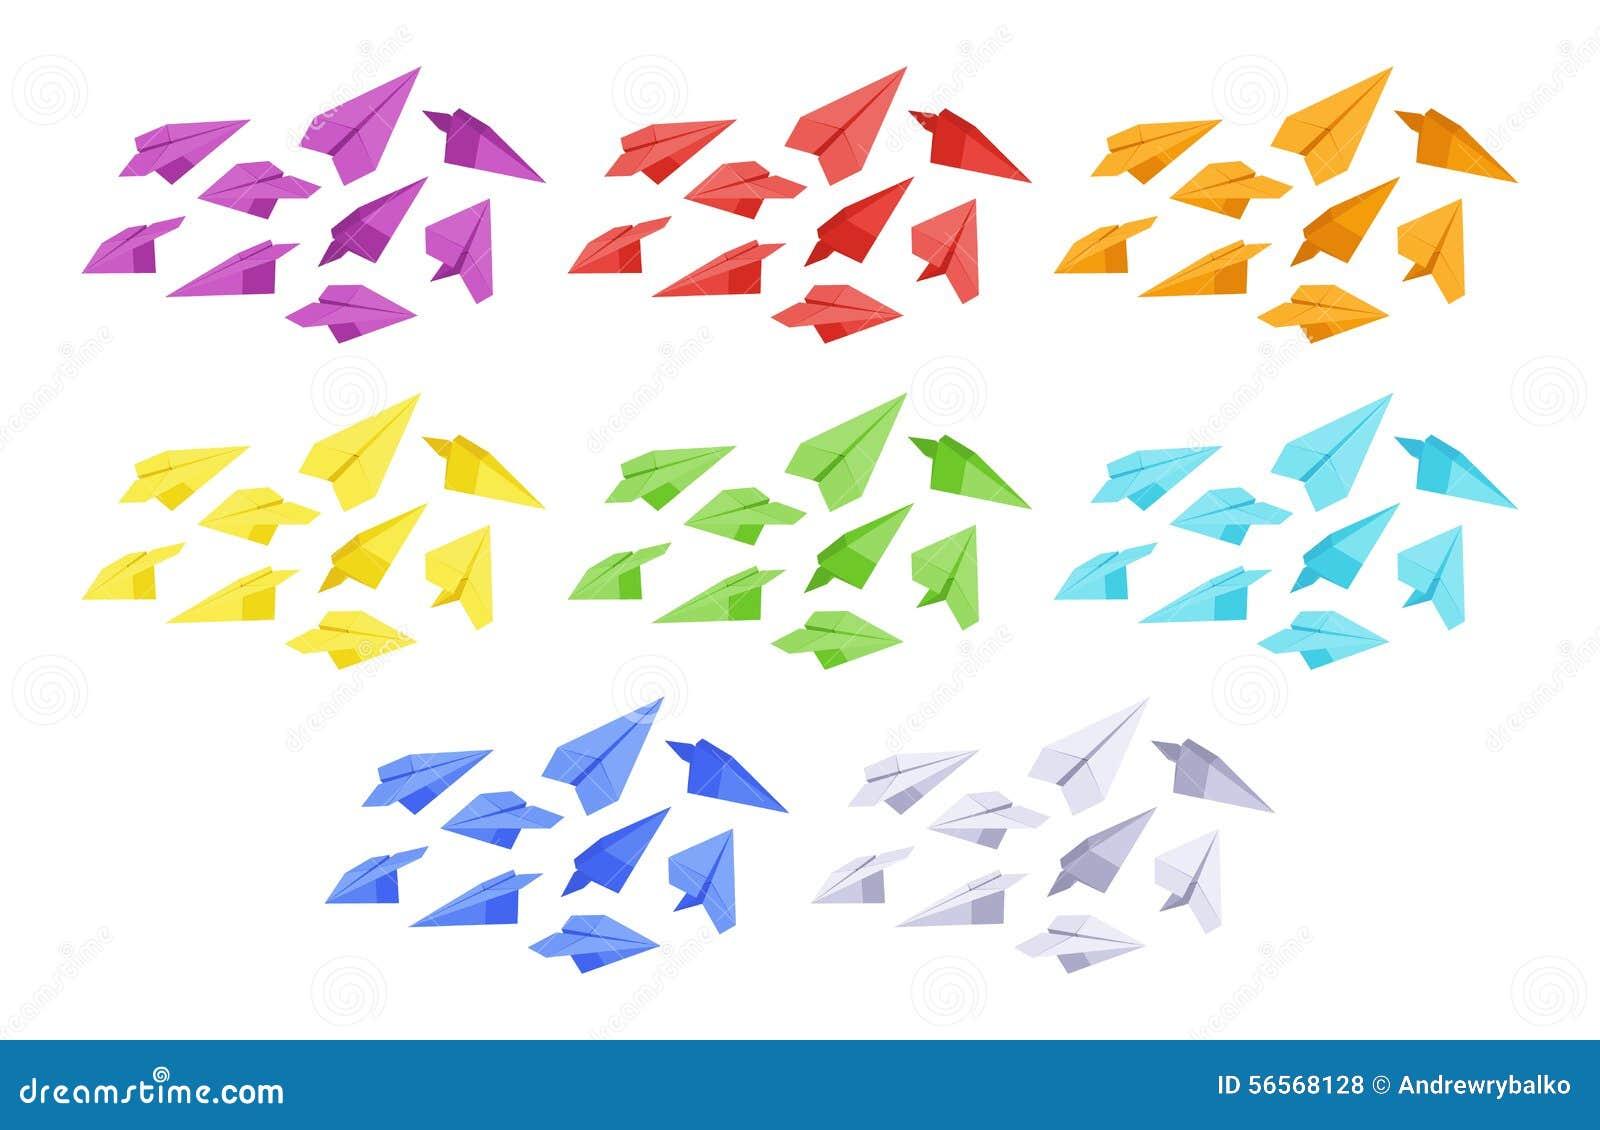 Download Χρωματισμένα αεροπλάνα εγγράφου Διανυσματική απεικόνιση - εικονογραφία από ταχυδρομείο, χρωματισμένος: 56568128